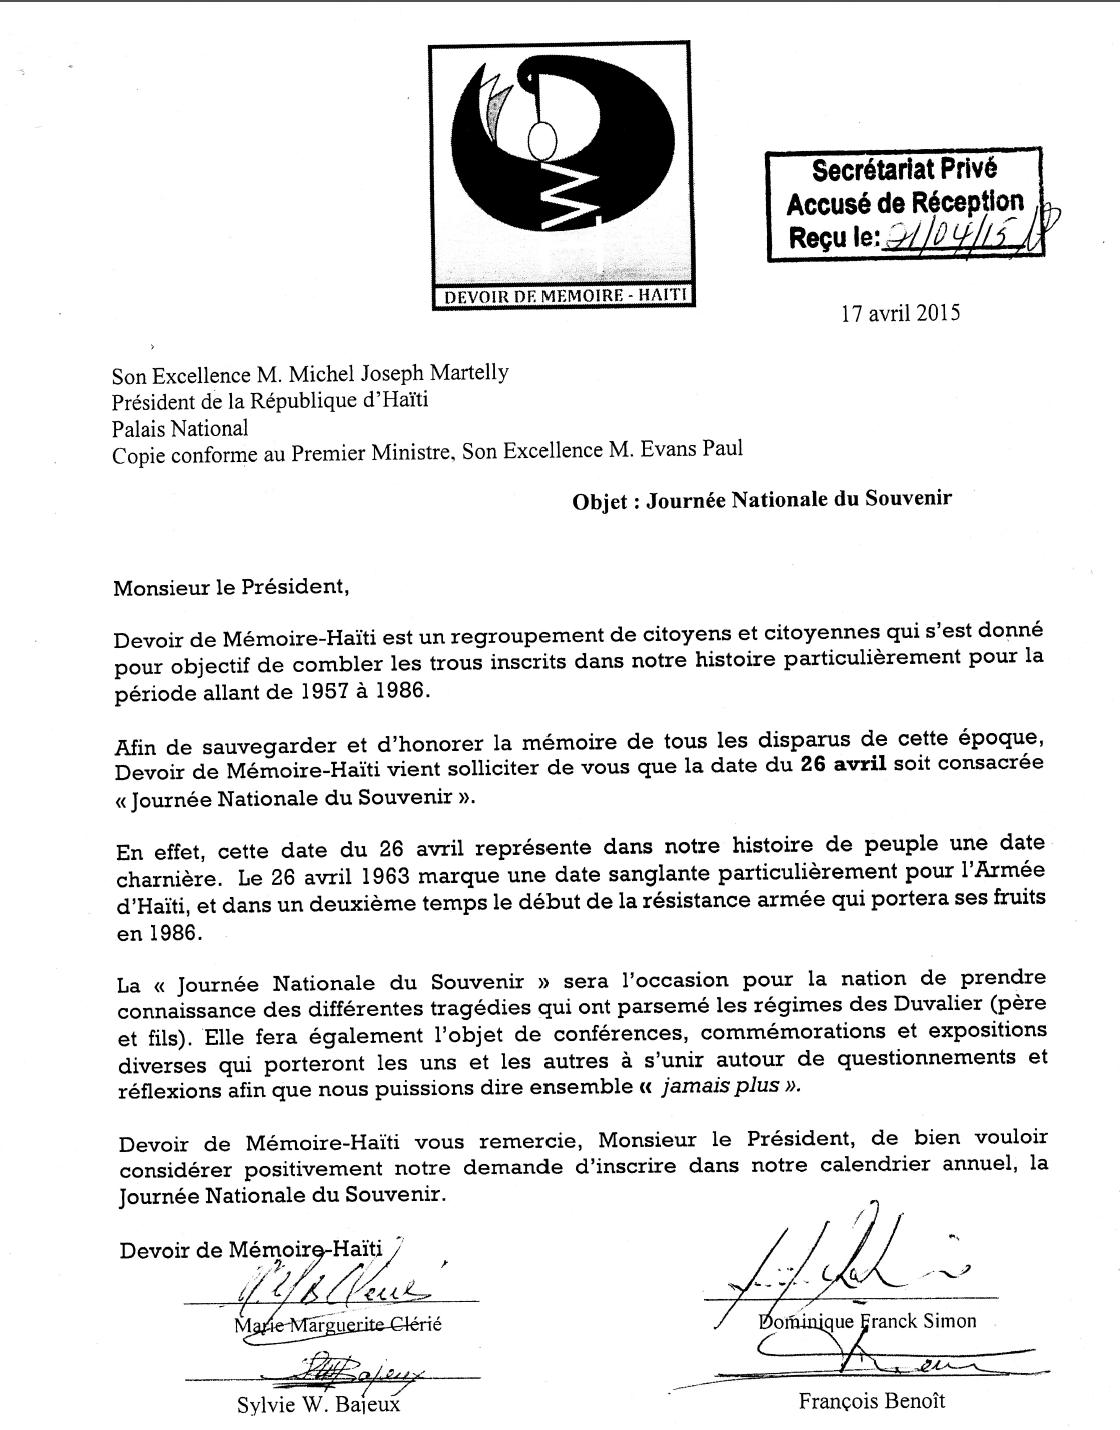 La lettre actuelle envoyé le 17 avril par DDM et reçu le 21 avril par le secrétariat du Palais National.